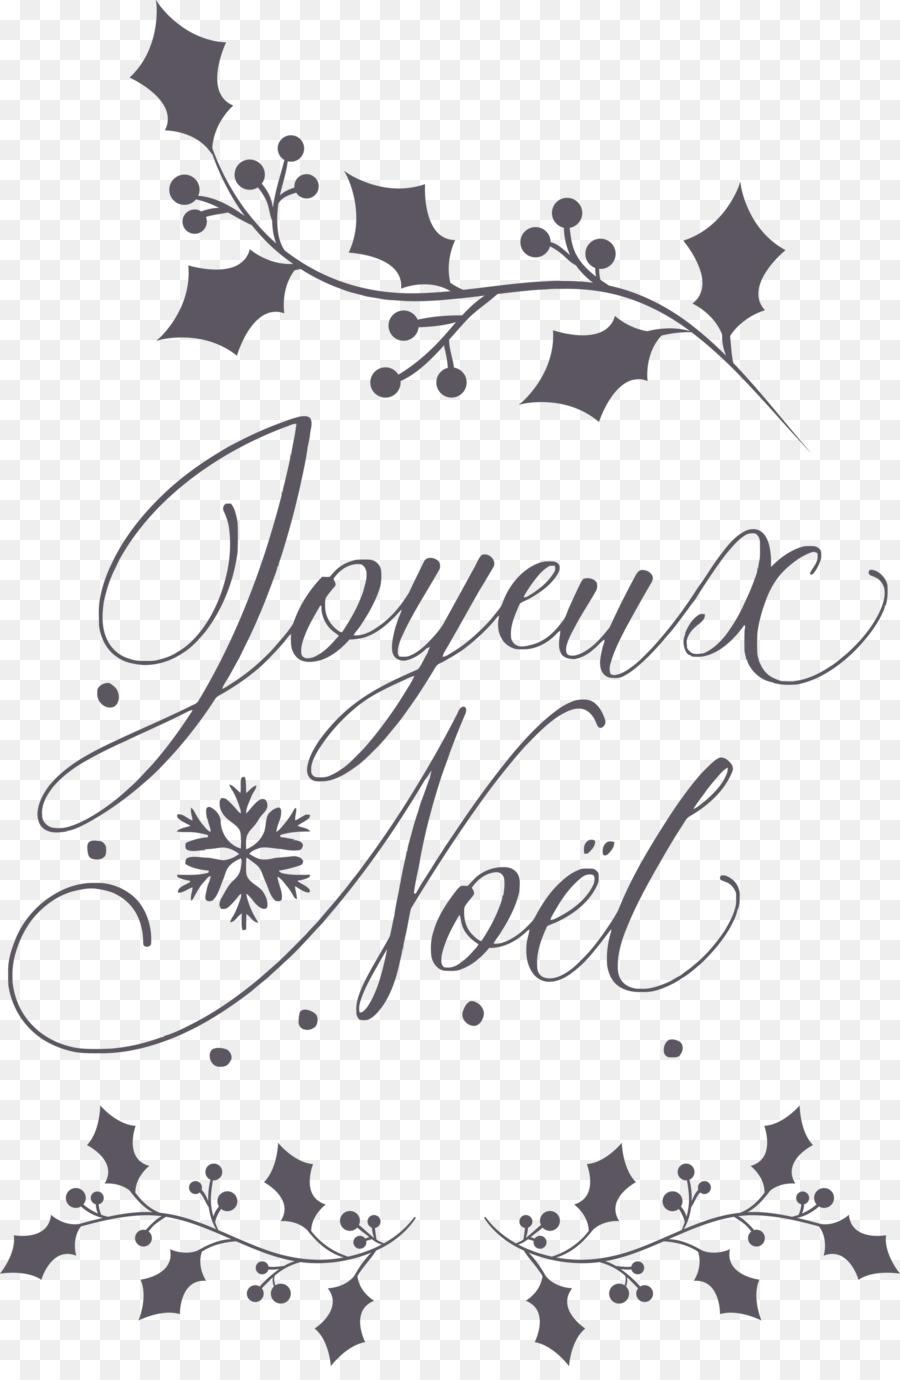 Descarga gratuita de Christmas Day, Decoración De La Navidad, árbol De Navidad Imágen de Png